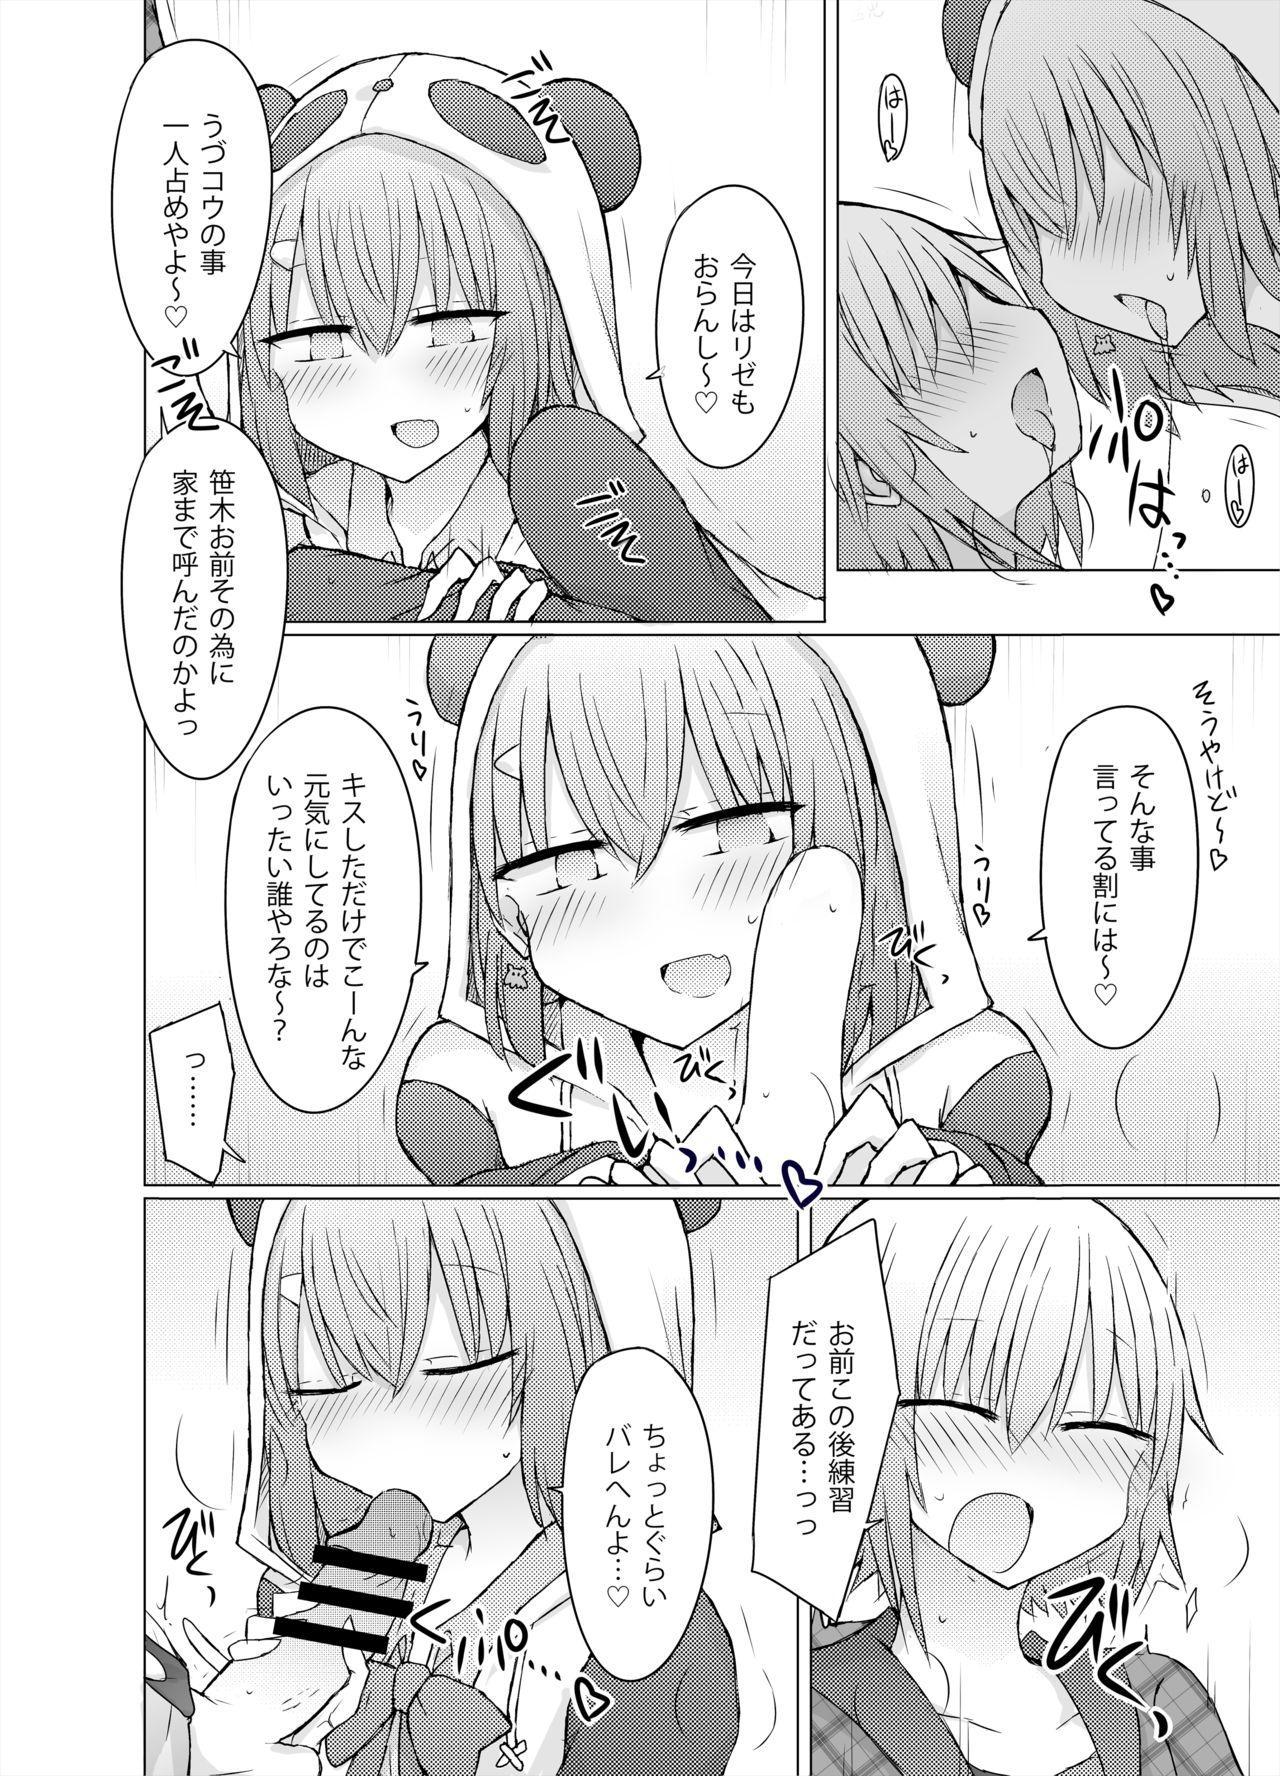 Nani ga Kuuki Amakune? 2 6